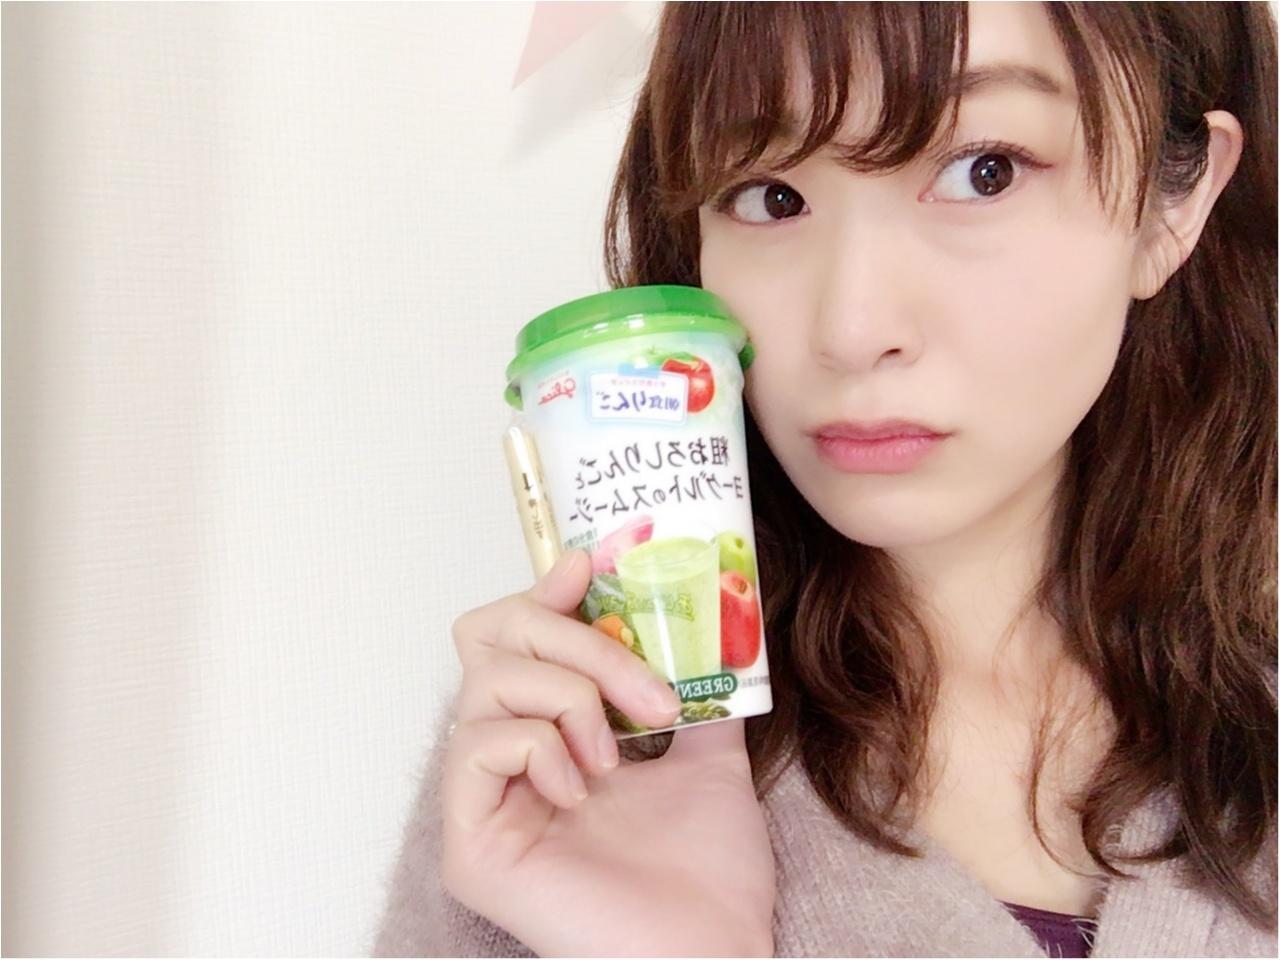 《朝から野菜摂れてますか❤️?》定番【朝食りんごヨーグルト】ならおいしく〇〇分摂れちゃいます!_1